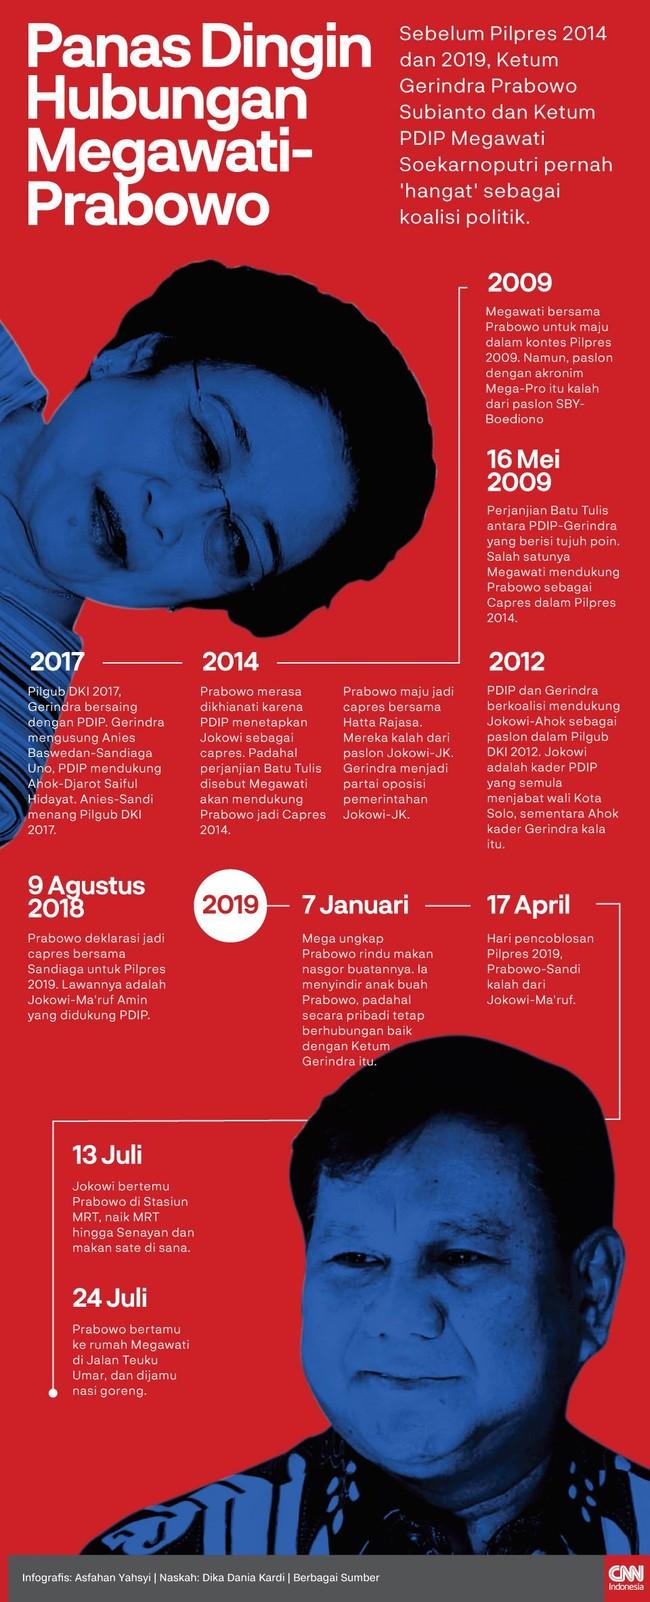 Sebelum Pilpres 2014 dan 2019, Ketum Gerindra Prabowo Subianto dan Ketum PDIP Megawati Soekarnoputri pernah berhubungan dengan baik sebagai koalisi politik.